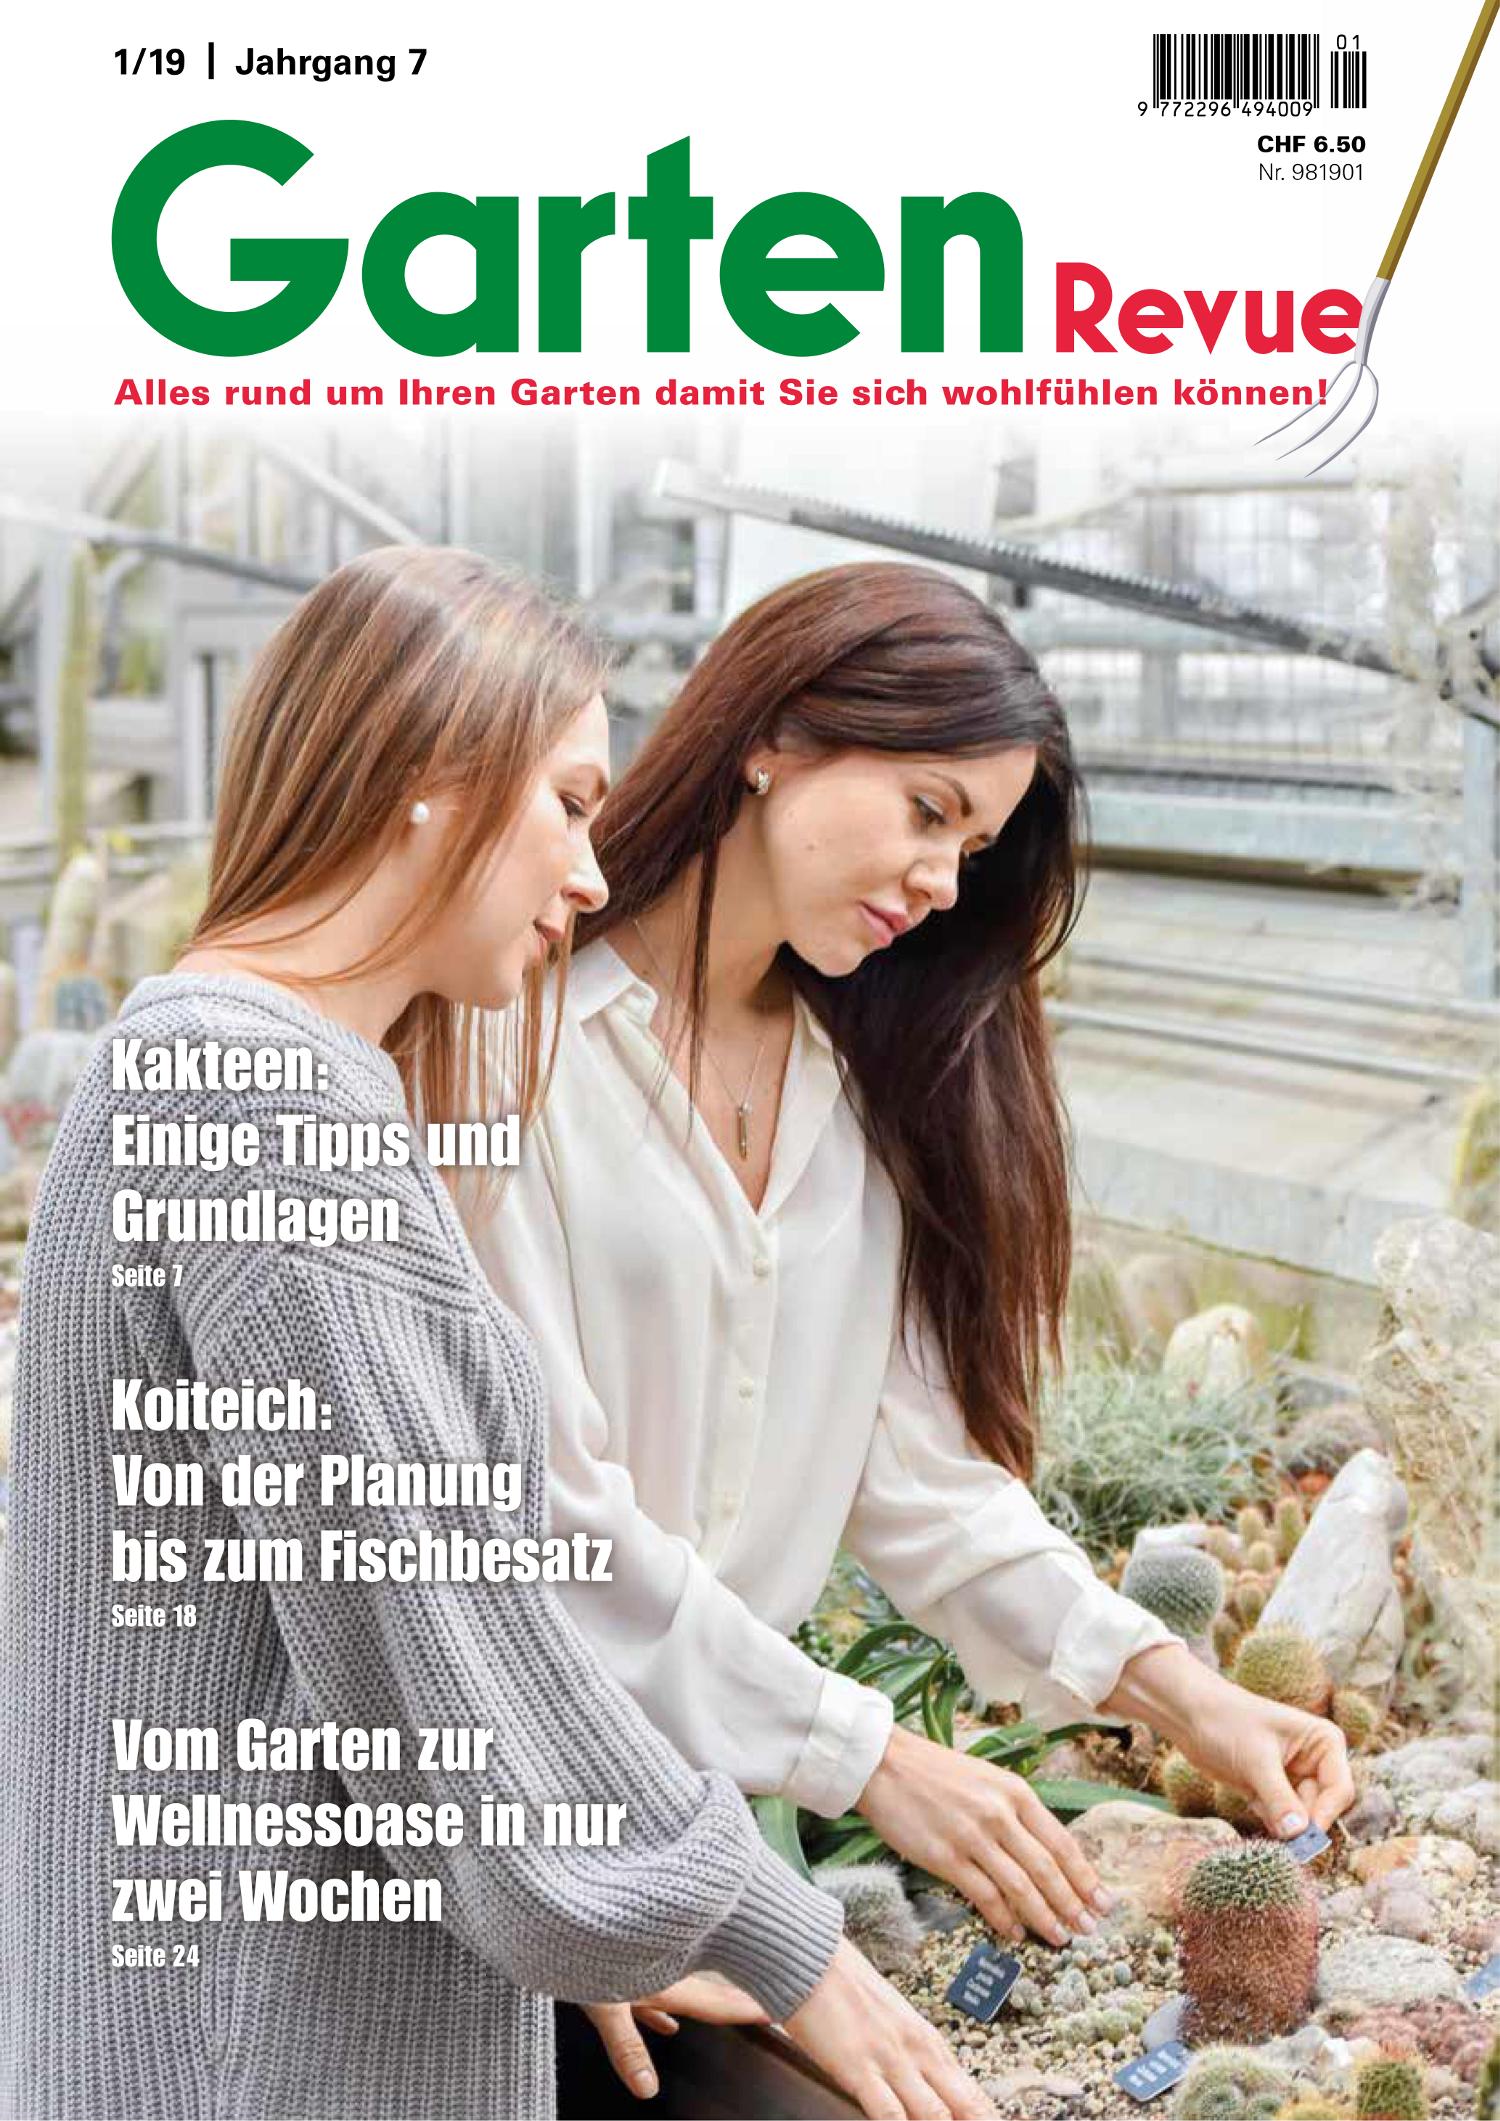 GartenRevue 1-19